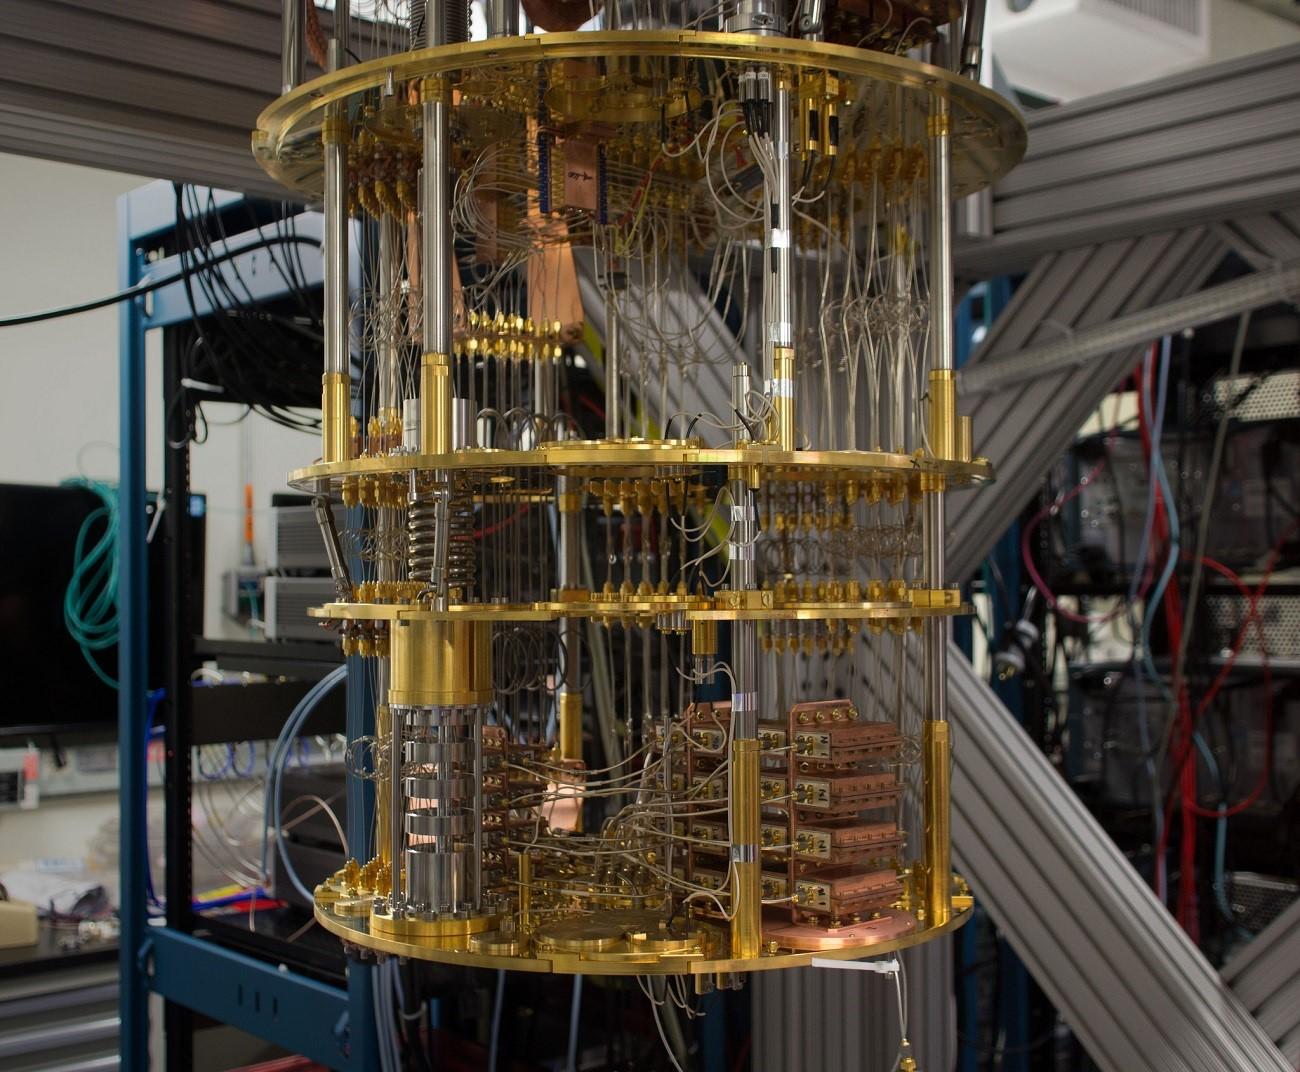 О квантовых компьютерах: как разные страны развивают эту технологию - 3